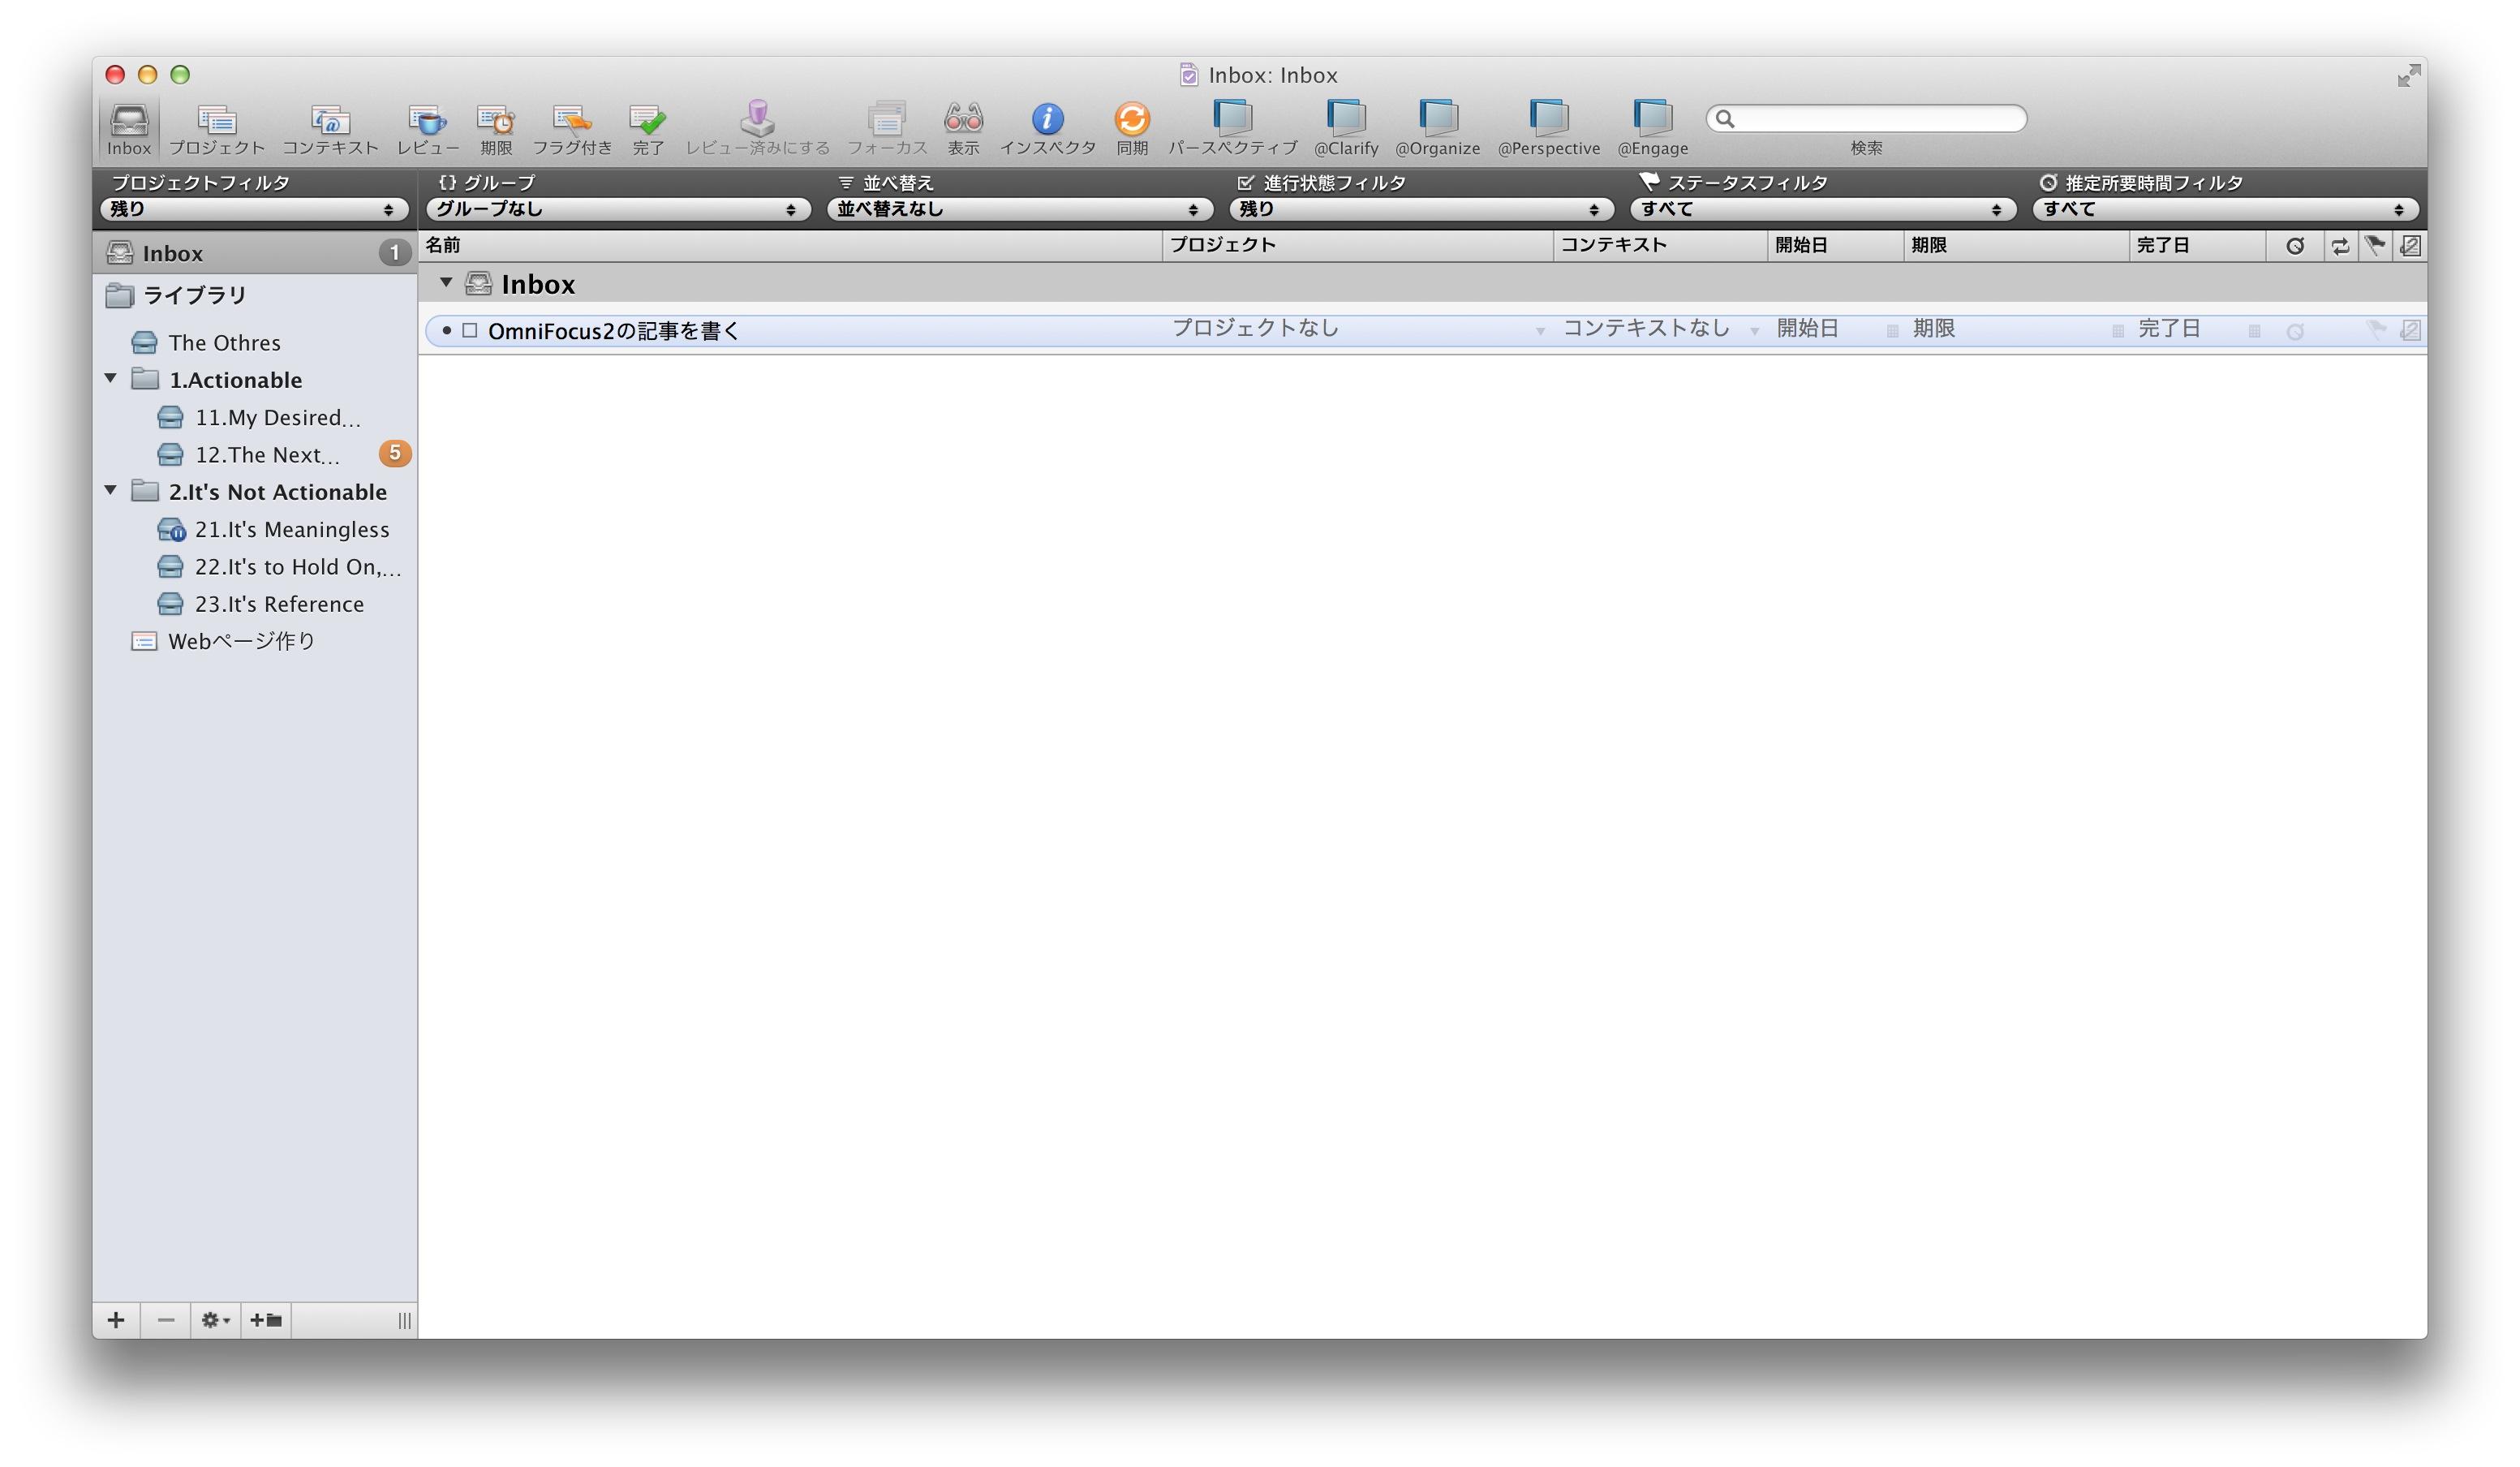 OmniFocus1 for mac inbox